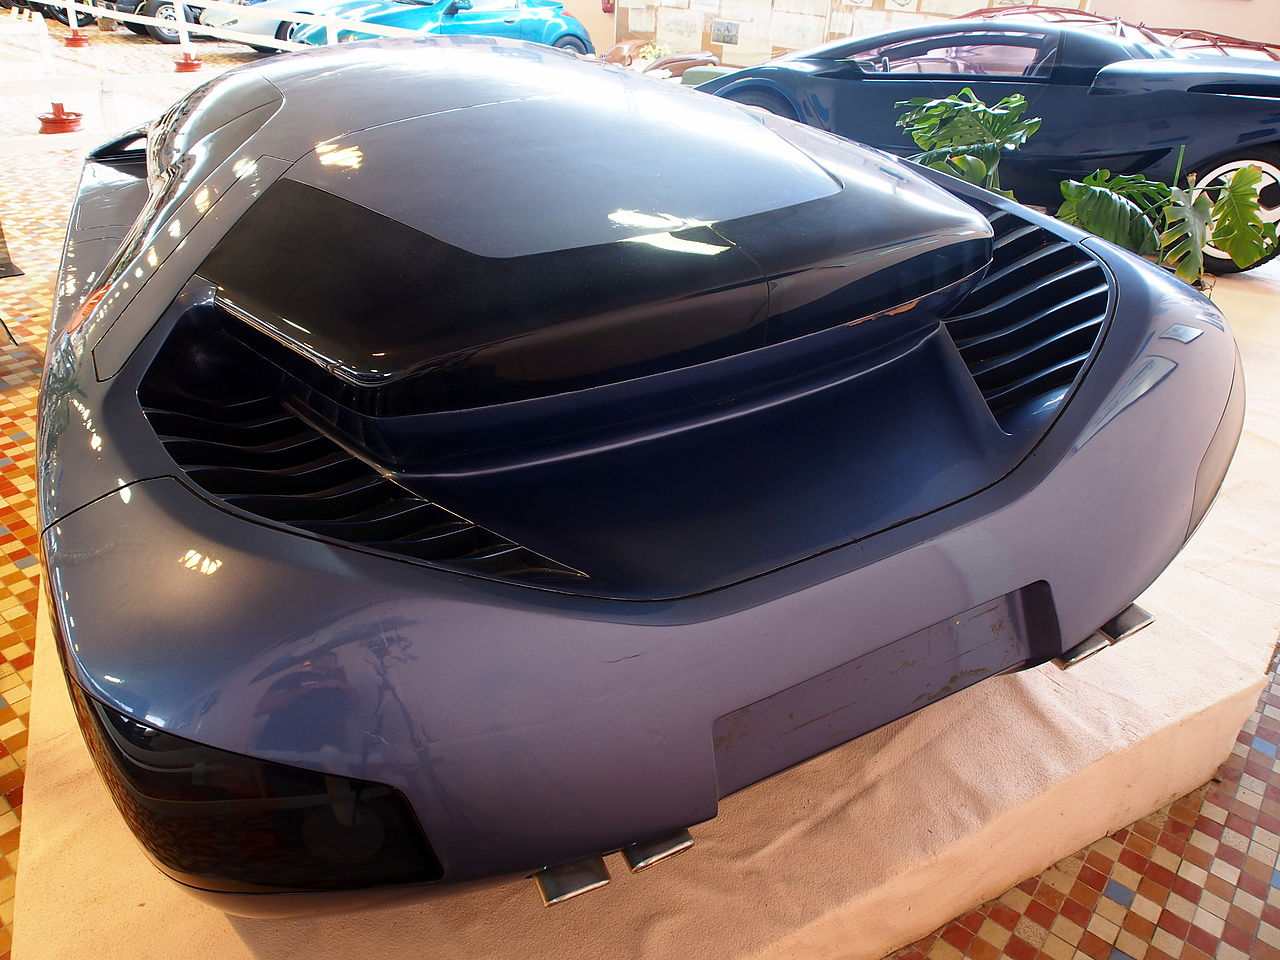 file art tech vera concept car at the mus e automobile de vend e pic 11 jpg wikimedia commons. Black Bedroom Furniture Sets. Home Design Ideas